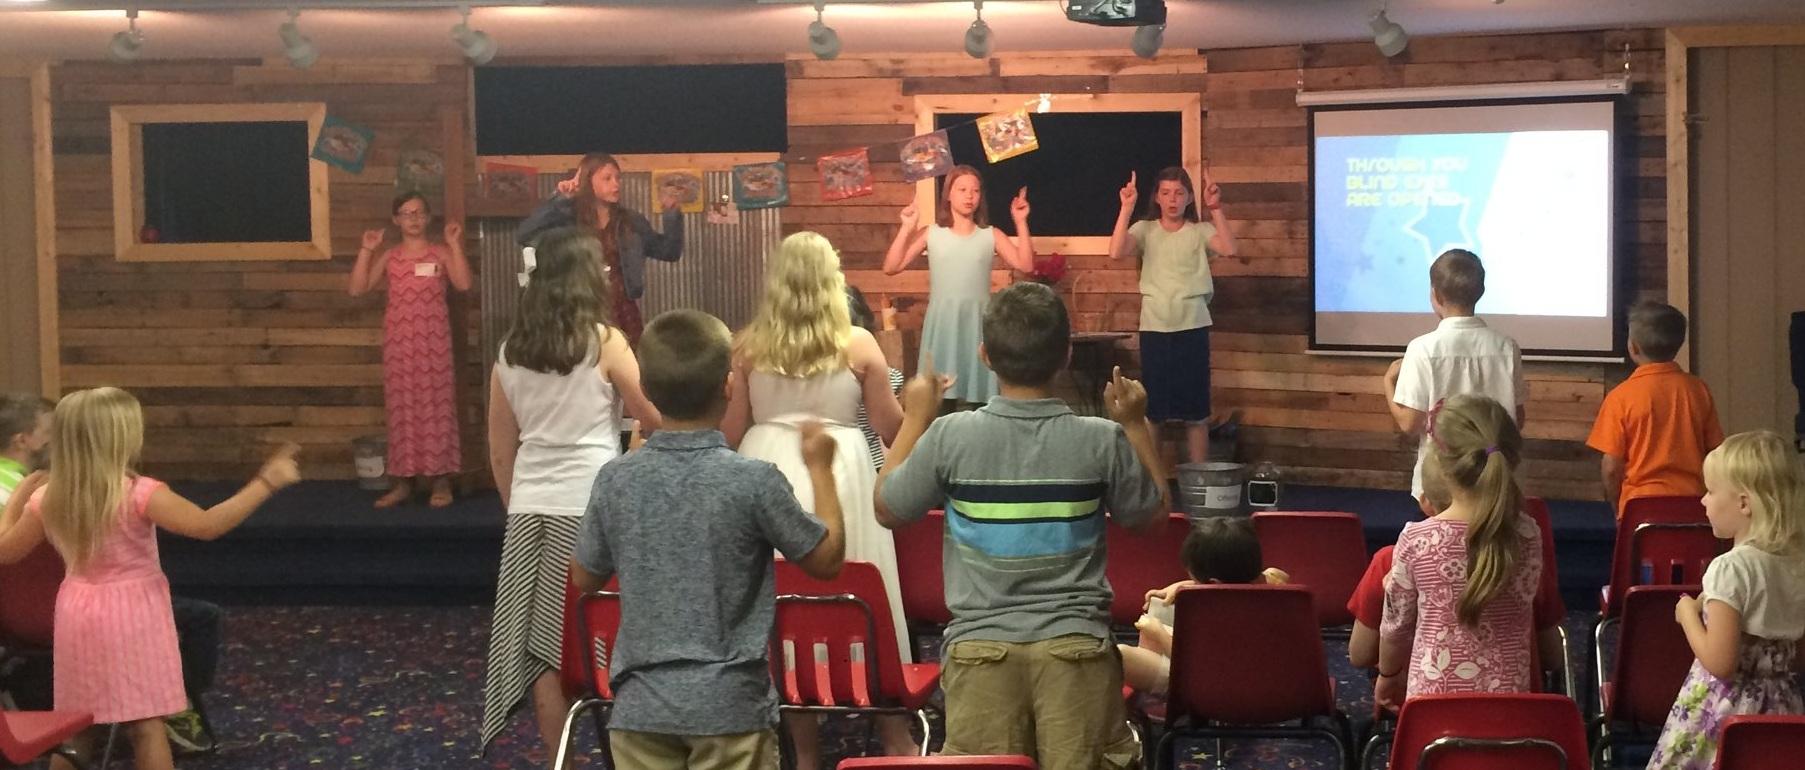 Kids leading kids in worship!